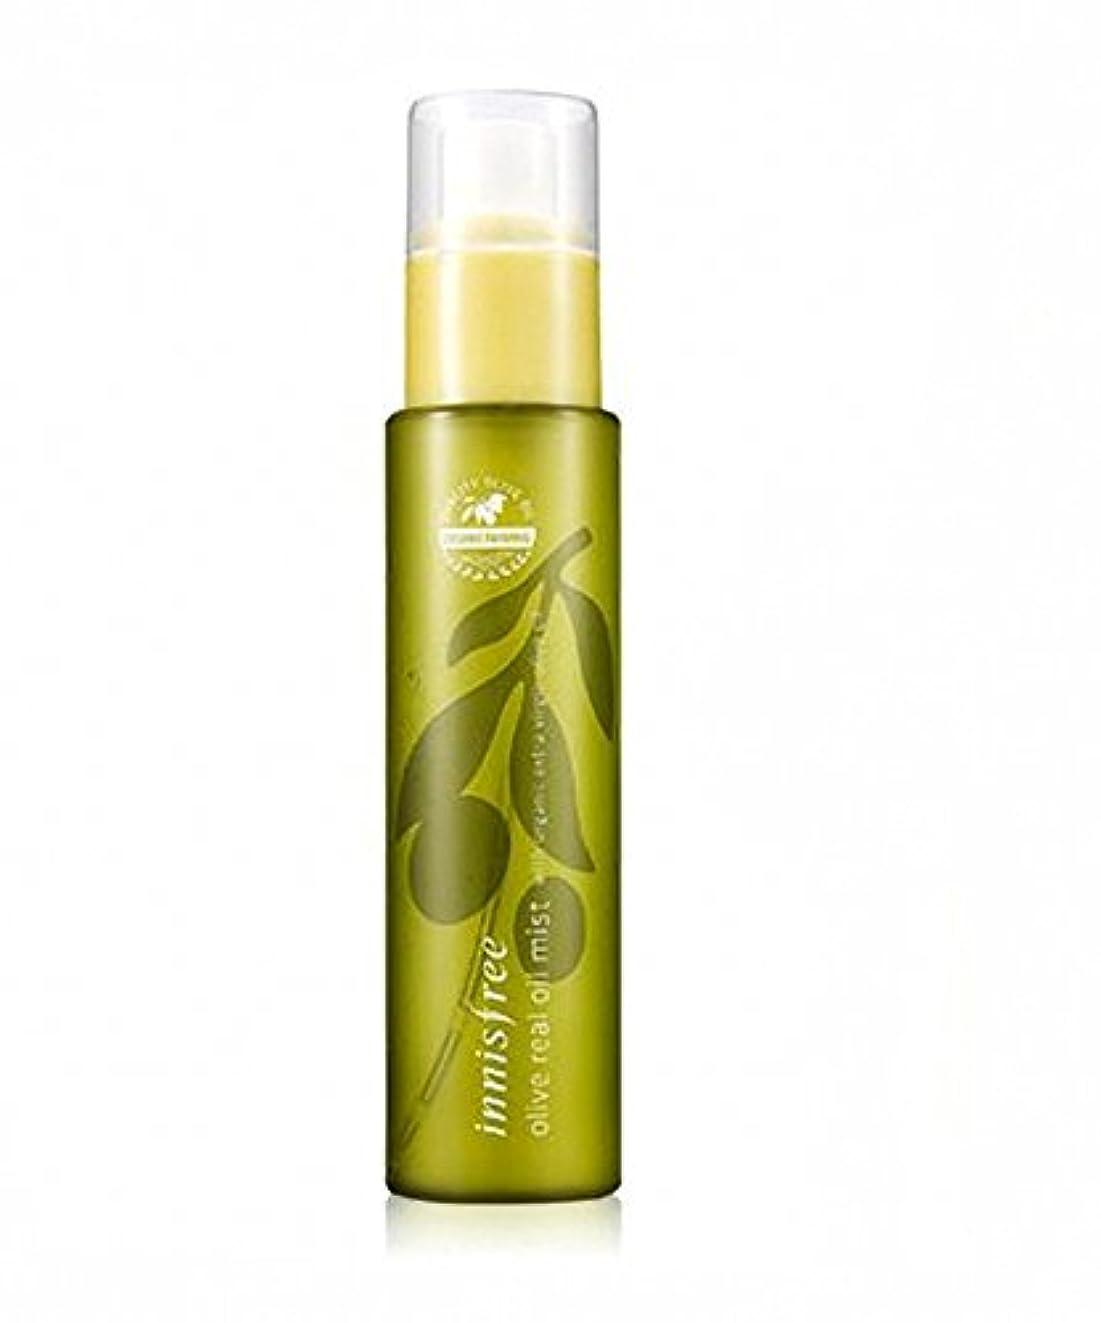 気分が良い依存化合物イニスフリー Innisfree オリーブ リアル オイル ミスト(80ml) Innisfree Olive Real Oil Mist(80ml) [海外直送品]